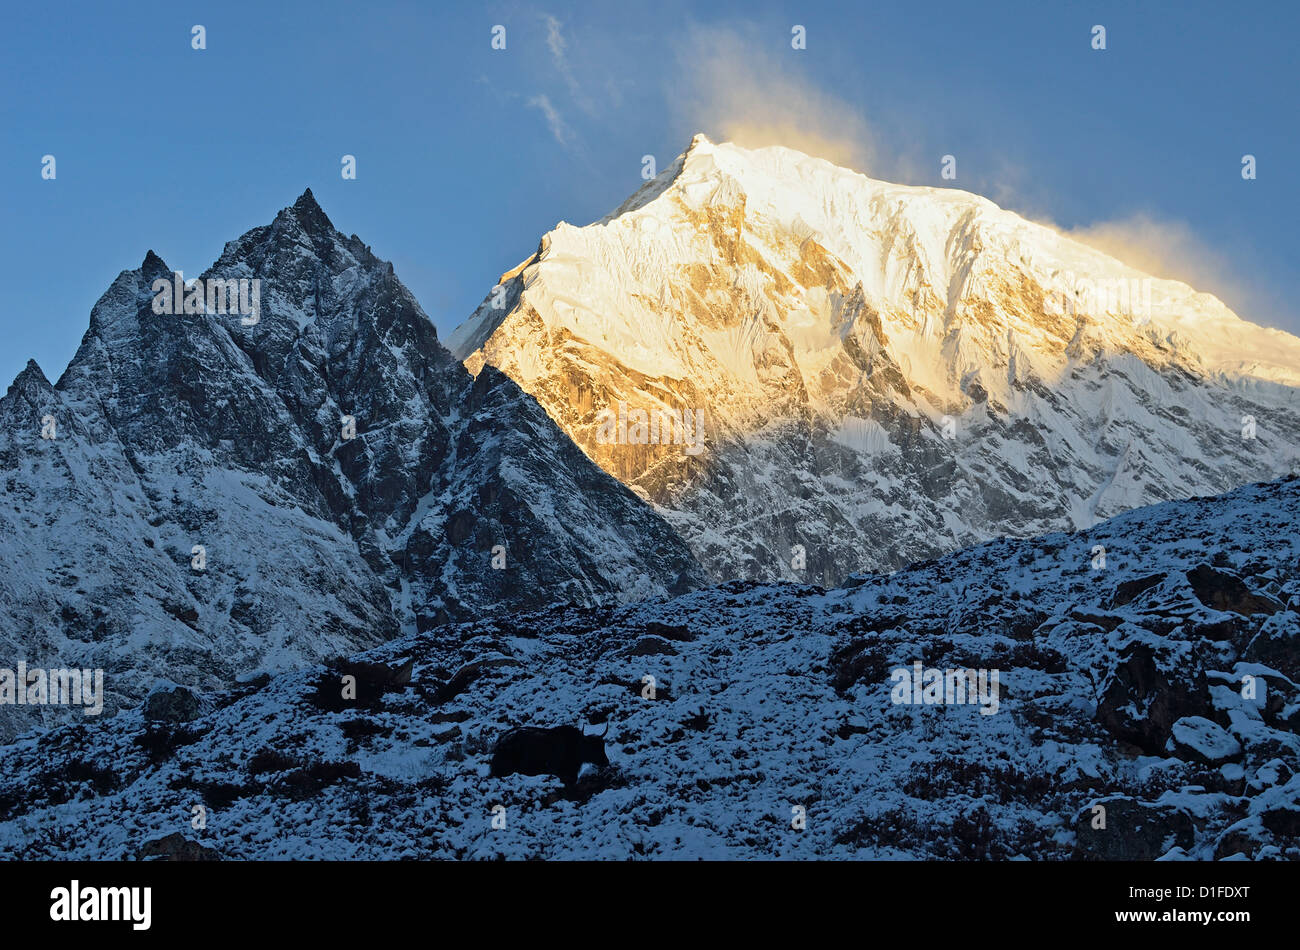 Yak and Langtang Lirung at sunrise, Langtang National Park, Bagmati, Central Region (Madhyamanchal), Nepal, Himalayas, - Stock Image